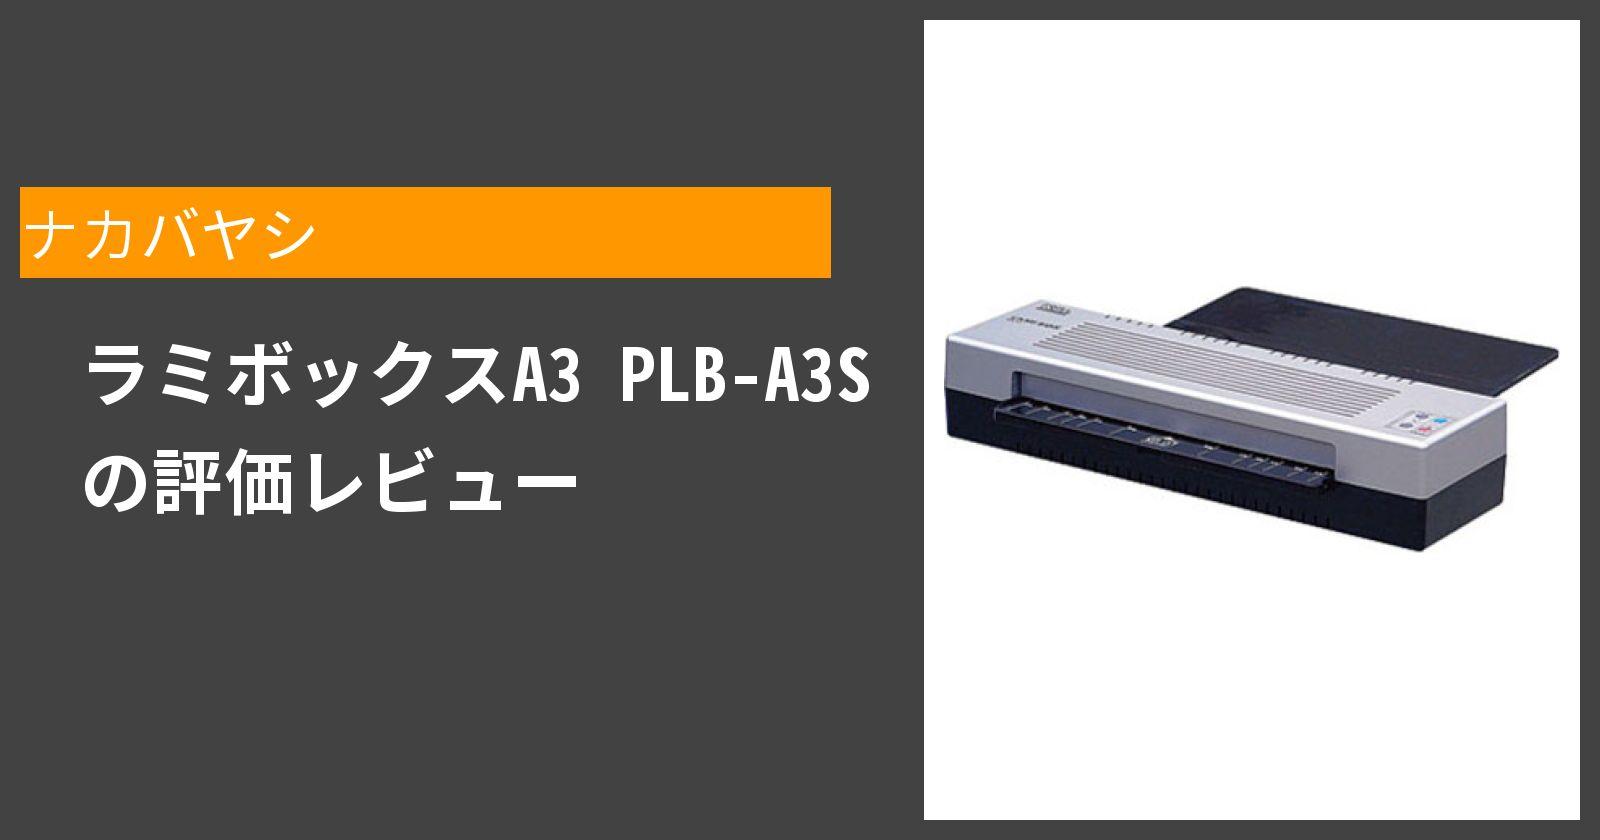 ラミボックスA3 PLB-A3Sを徹底評価